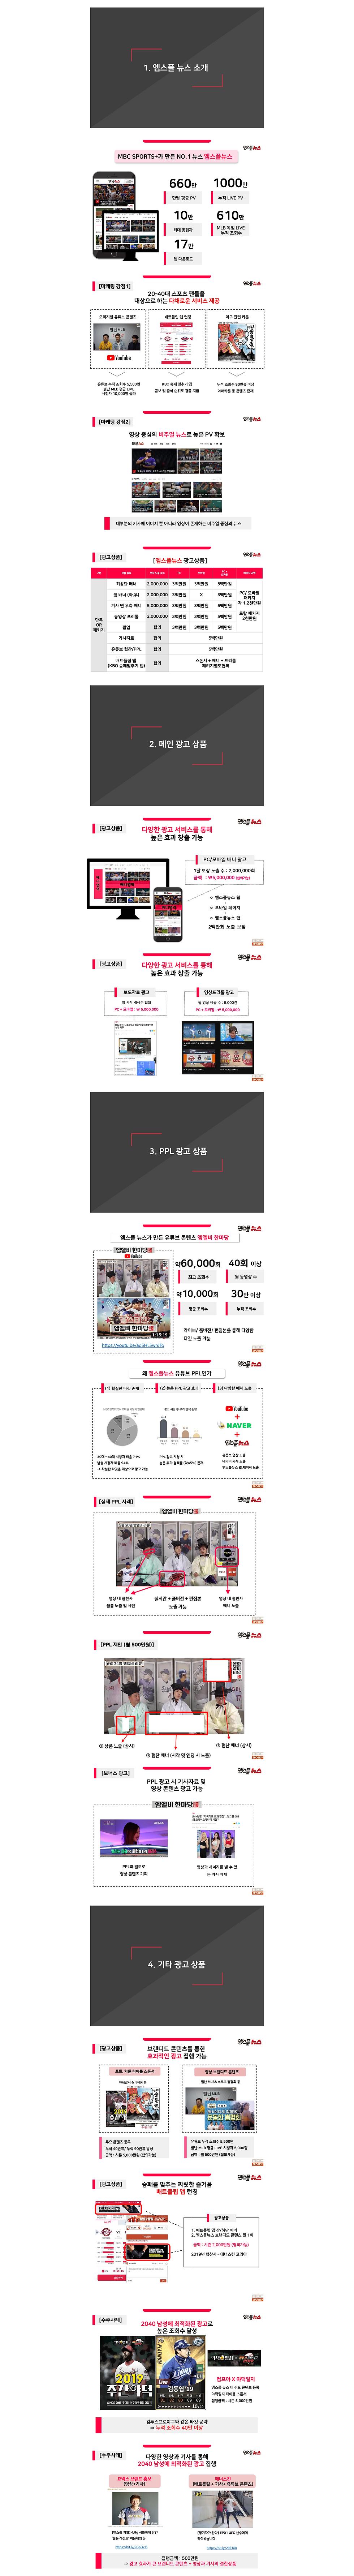 42_엠스플뉴스.png